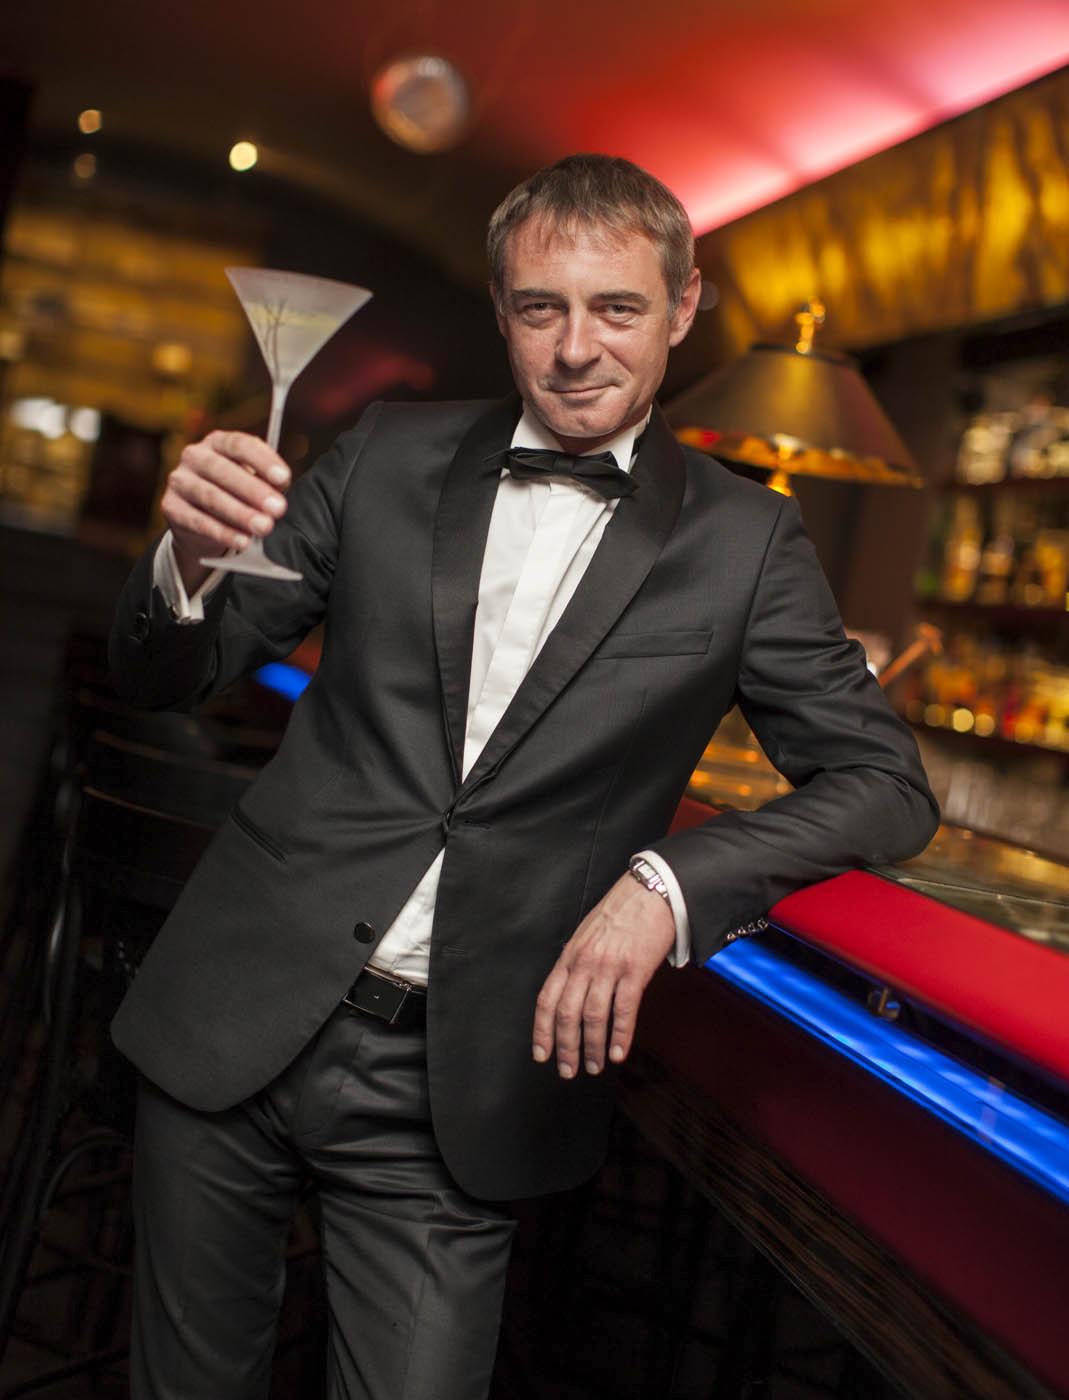 Jiří Dvořák propůjčující hlas Craigovi se drink naučil míchat.